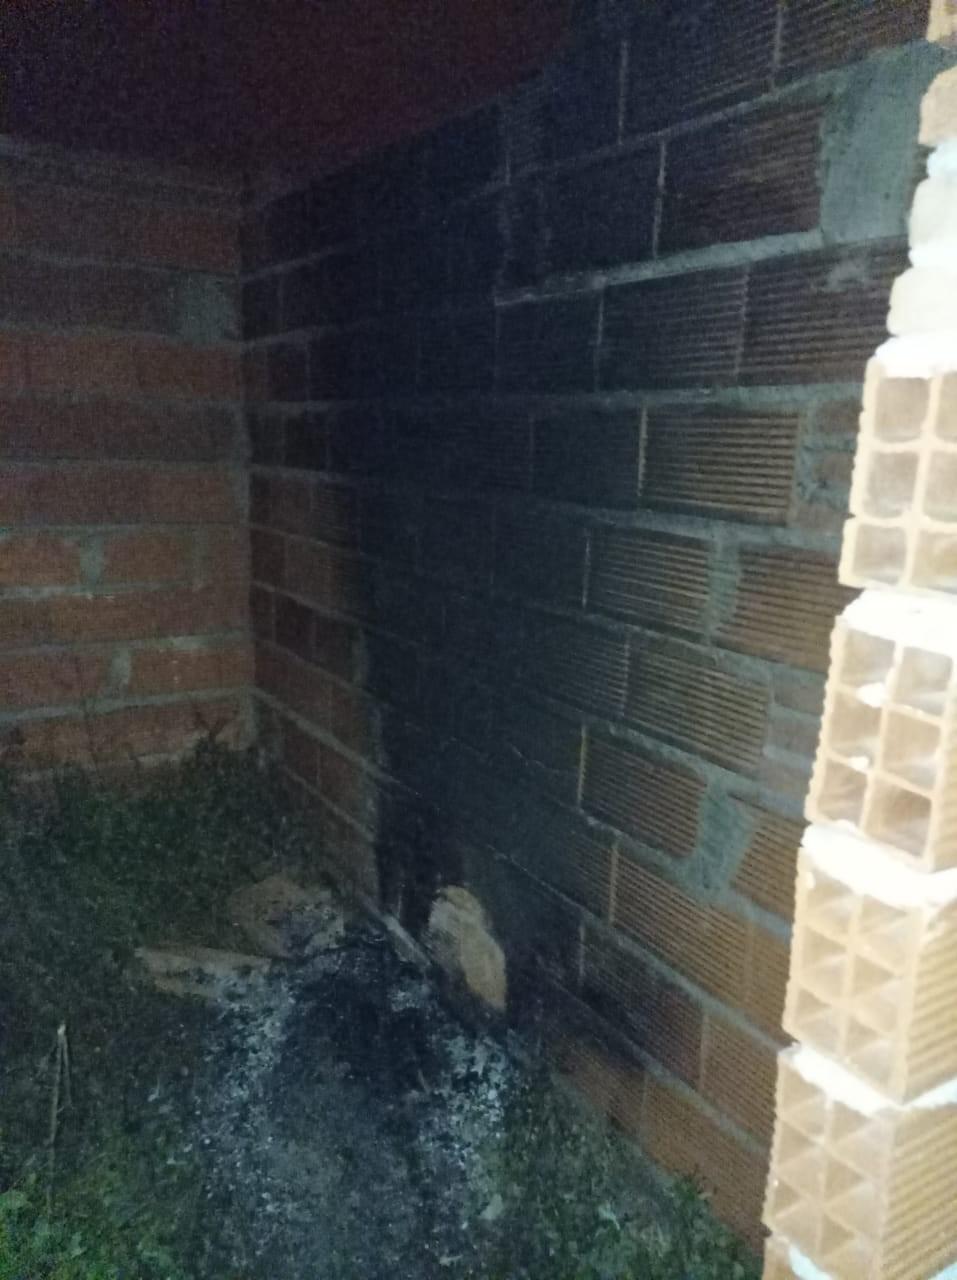 Incendiaron una vivienda en construcción en el barrio Las Viñas